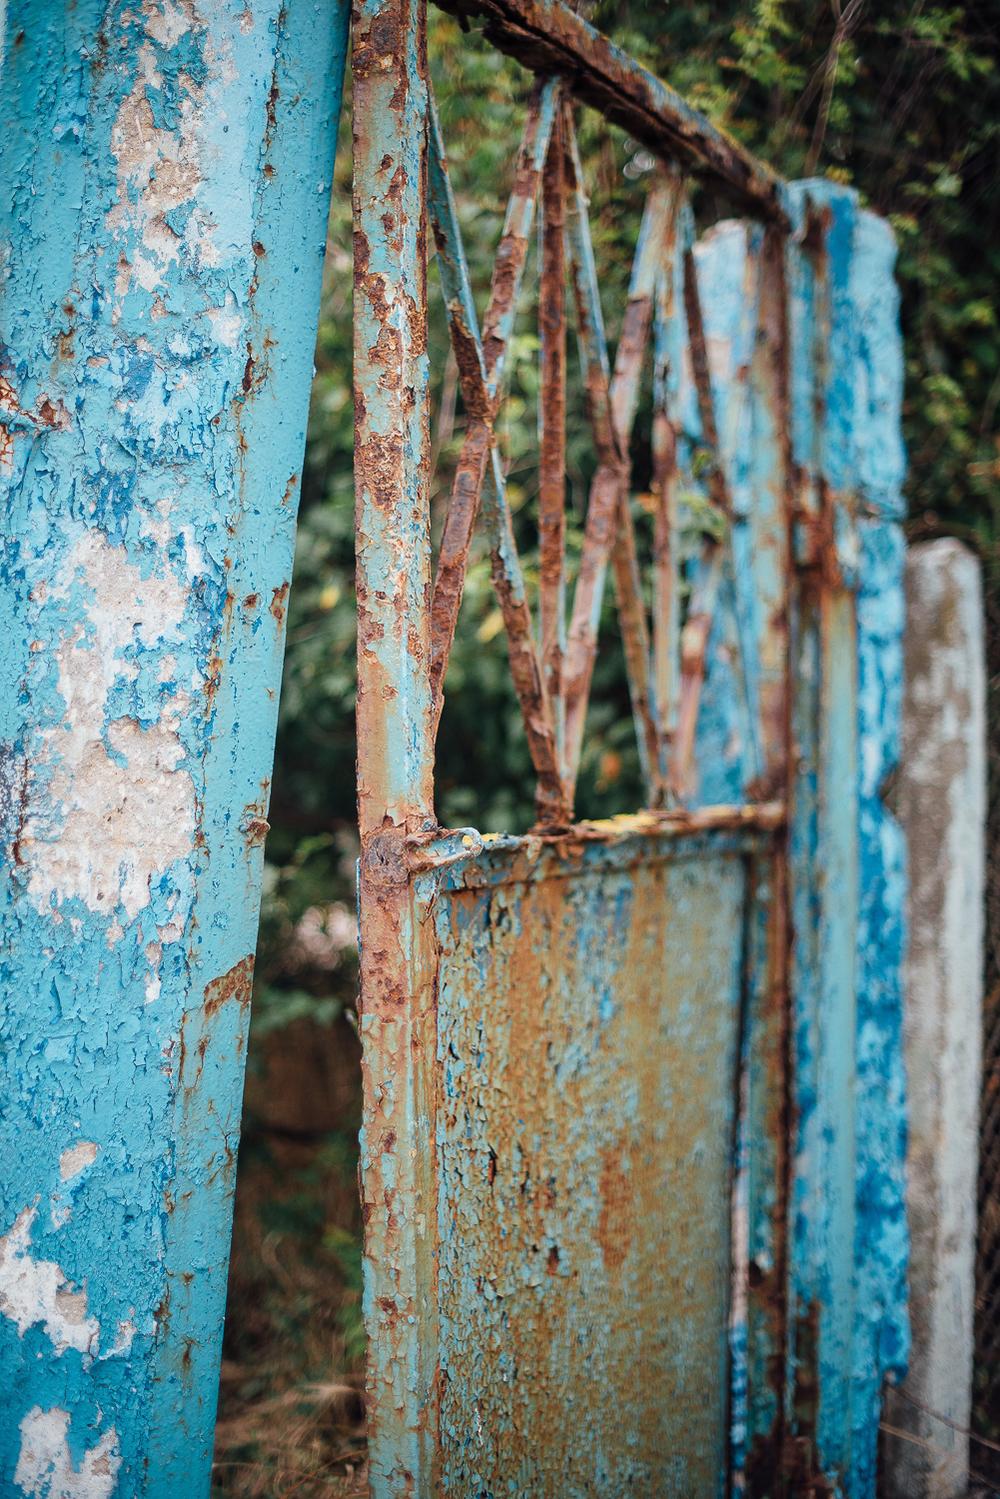 abandoned-summer-school-mariya-mileva-52.jpg